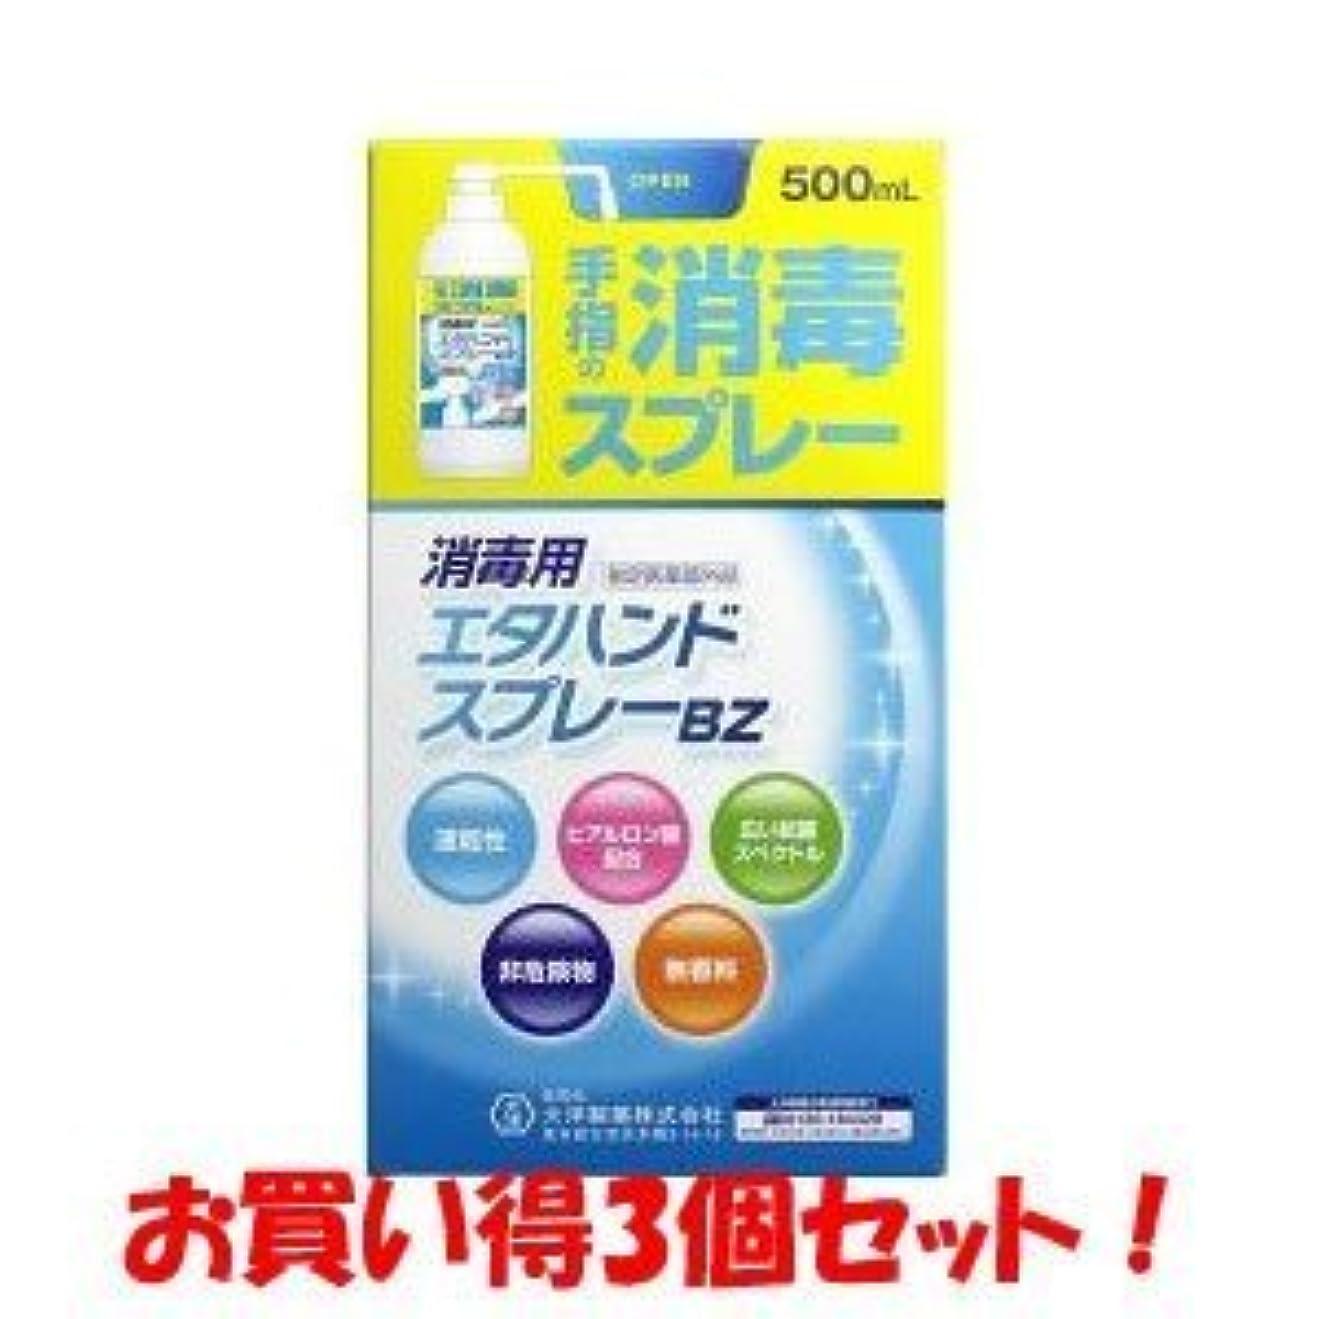 あからさま系譜スカルク(大洋製薬)大洋製薬 消毒用エタハンドスプレーBZ 500ml(医薬部外品)(お買い得3個セット)